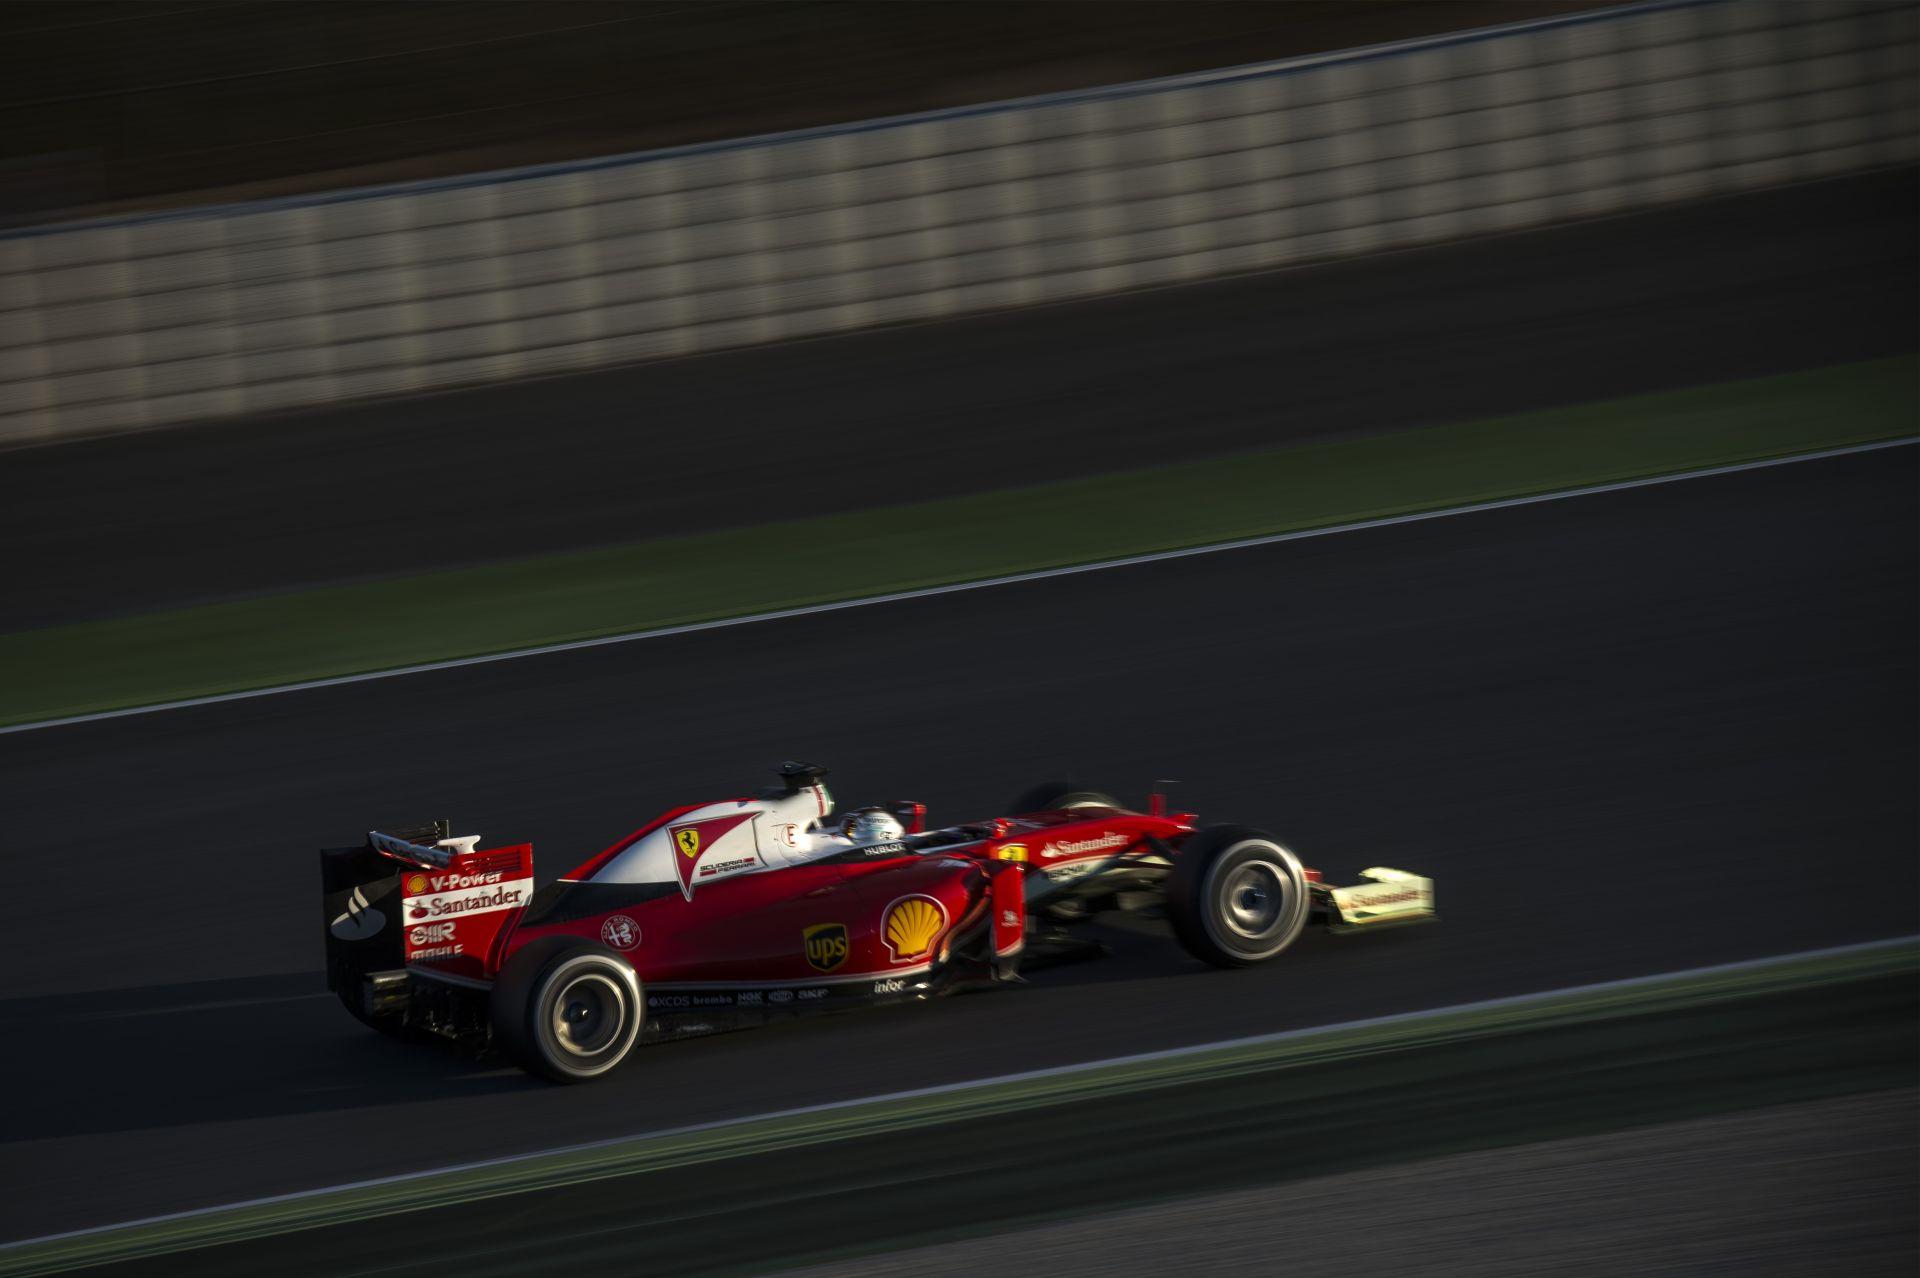 9 probléma a Ferrari motorjain, de az ügyfelek persze nem mondhatnak semmit